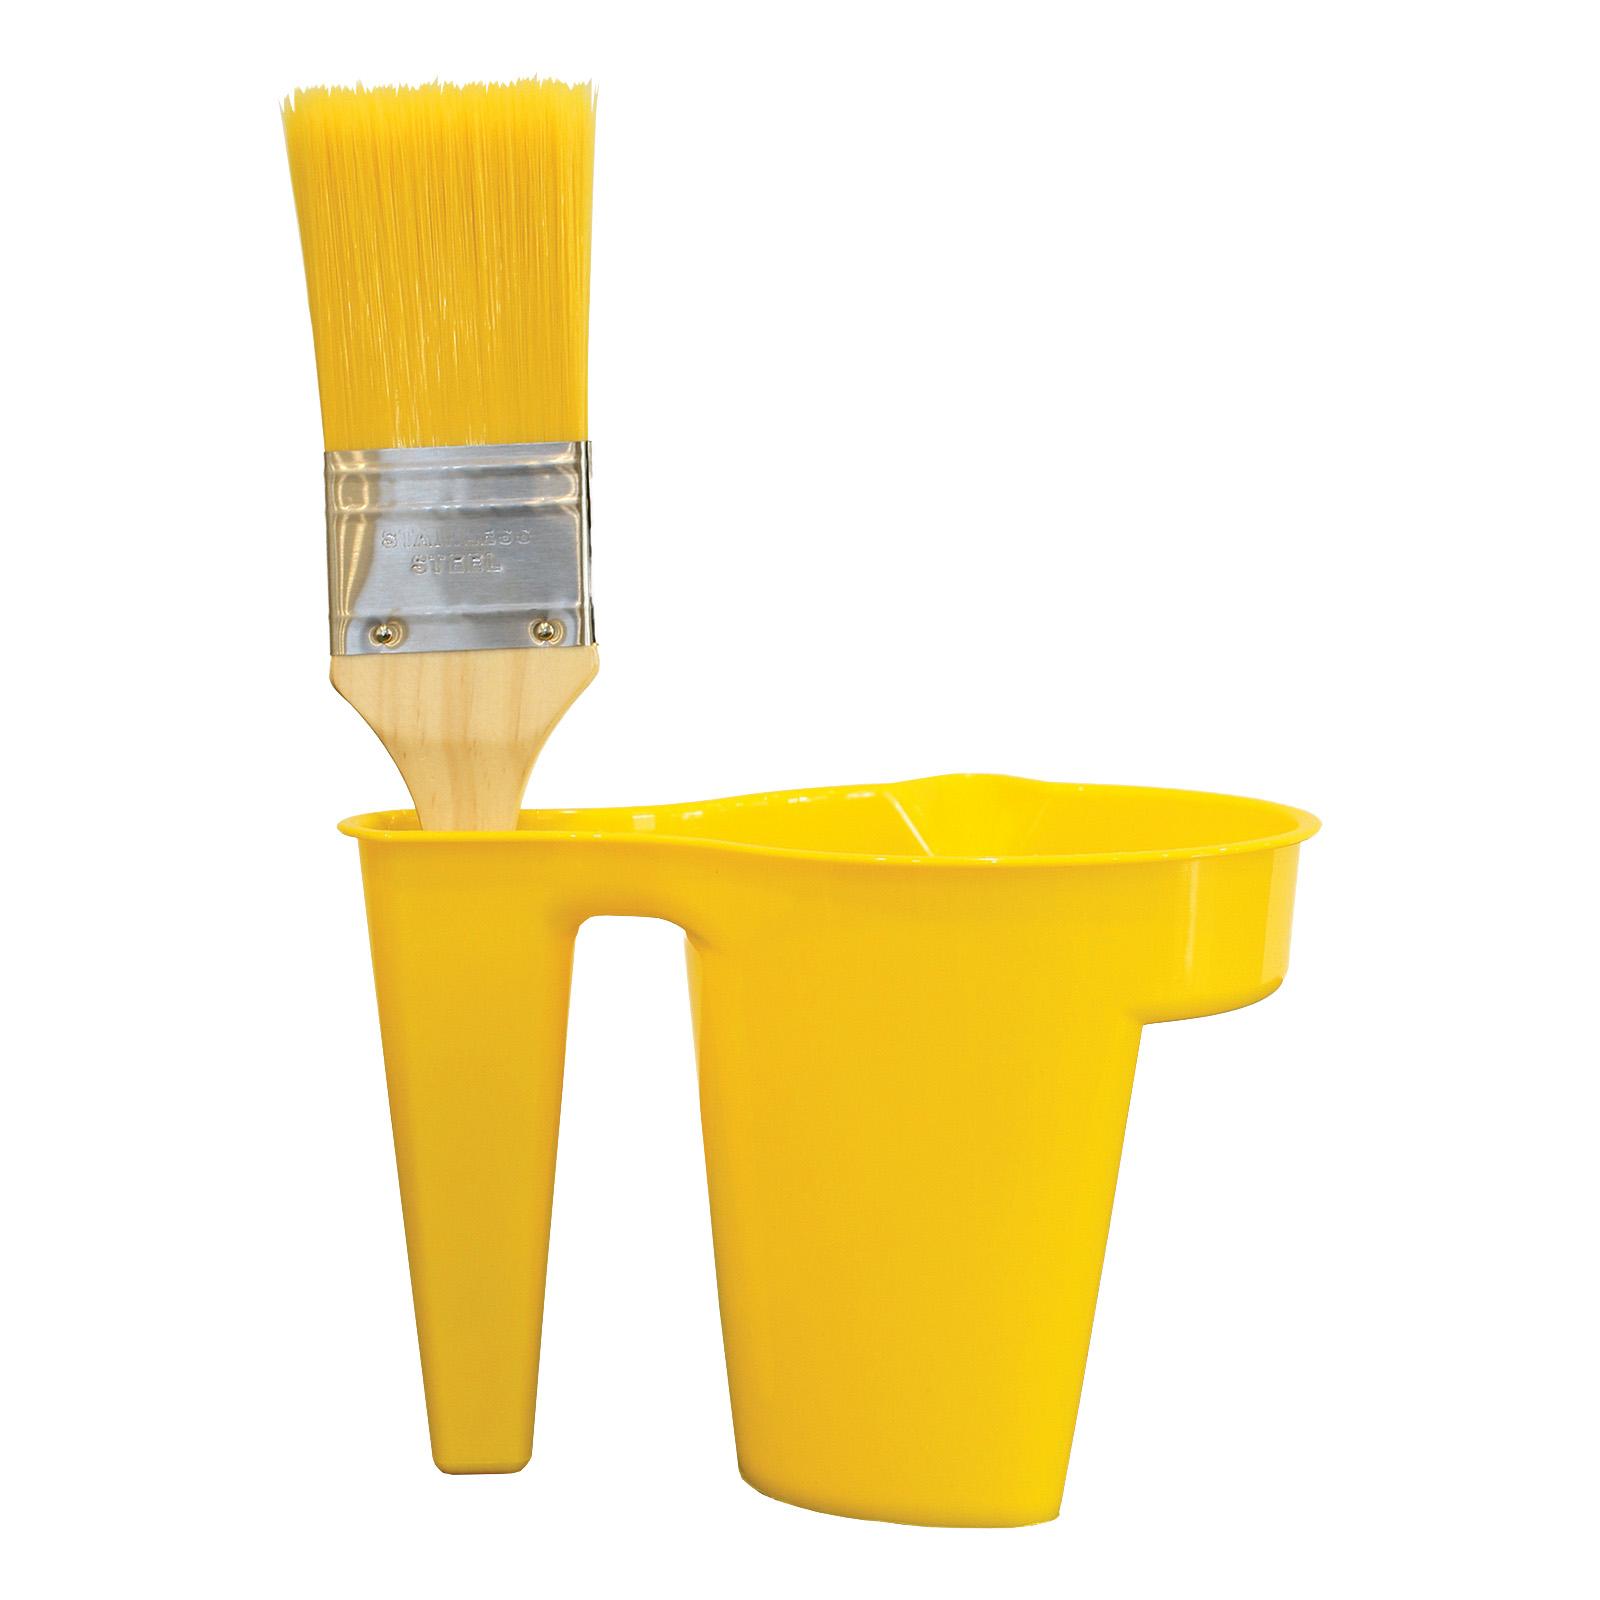 UNi-PRO 600ml Handy Paint Pot